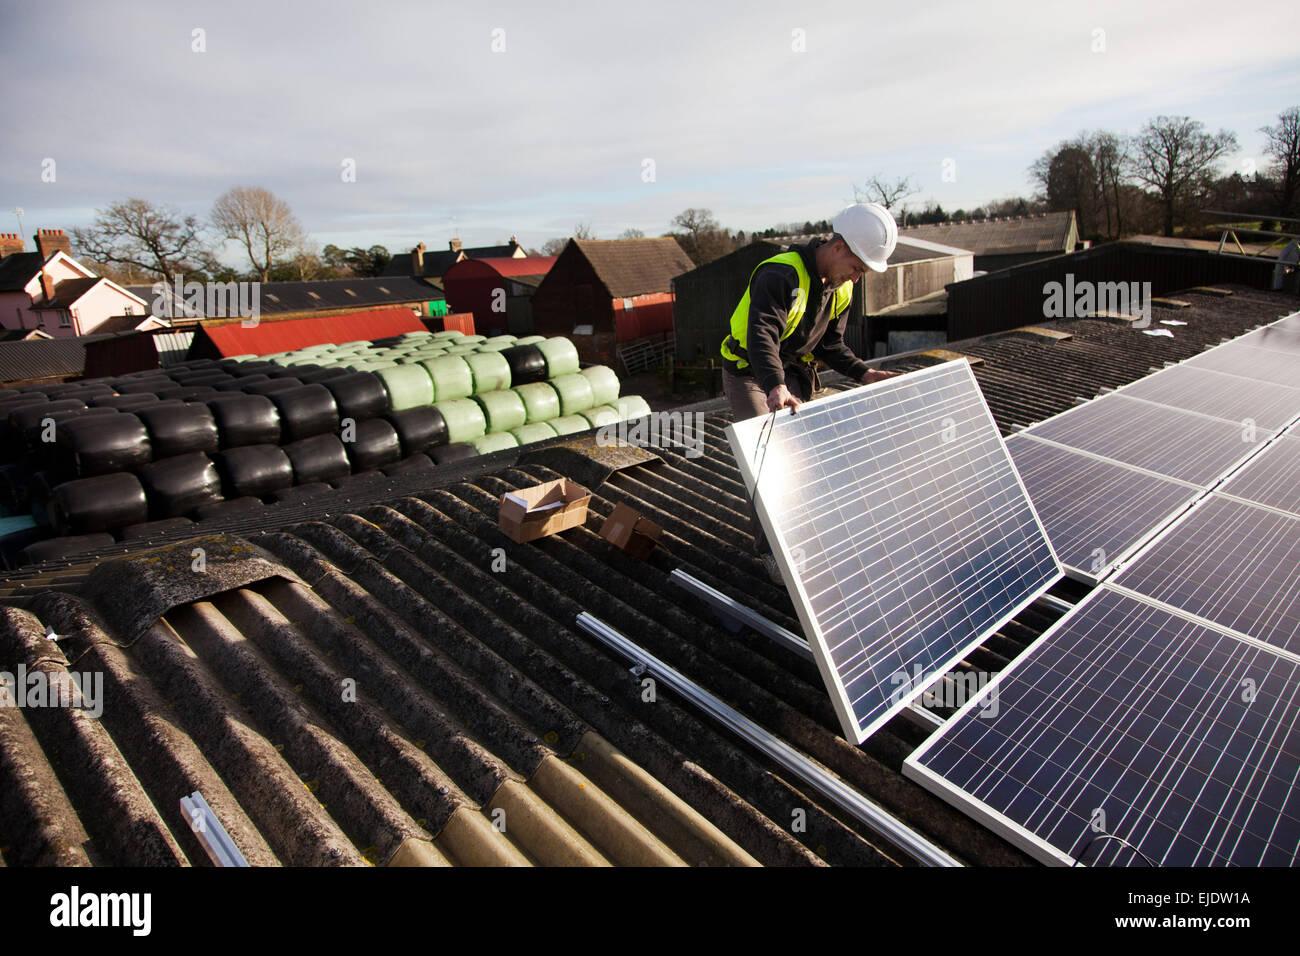 Jake Beautyman installa pannelli solari sul tetto del granaio su Grange farm, vicino Balcombe. L'installazione Immagini Stock